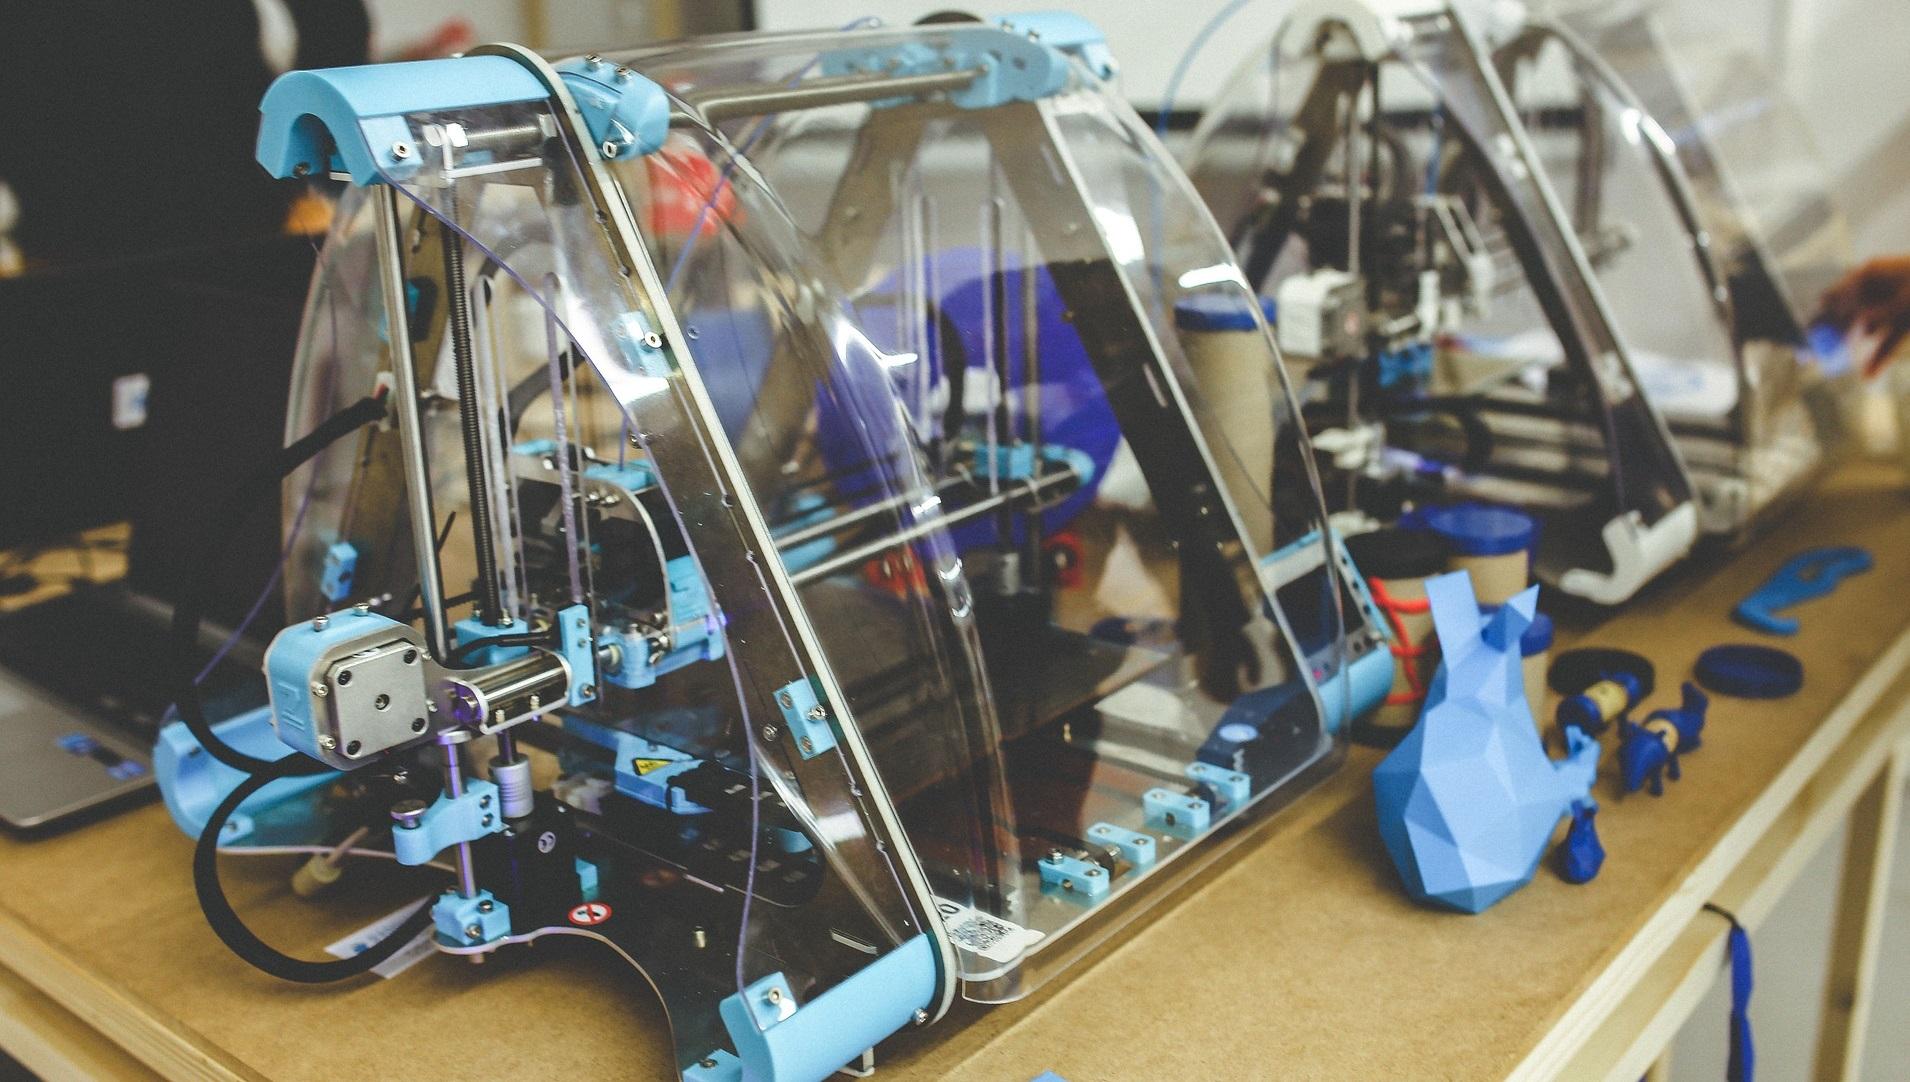 Logran imprimir en 3D cerámica resistente a altas temperaturas